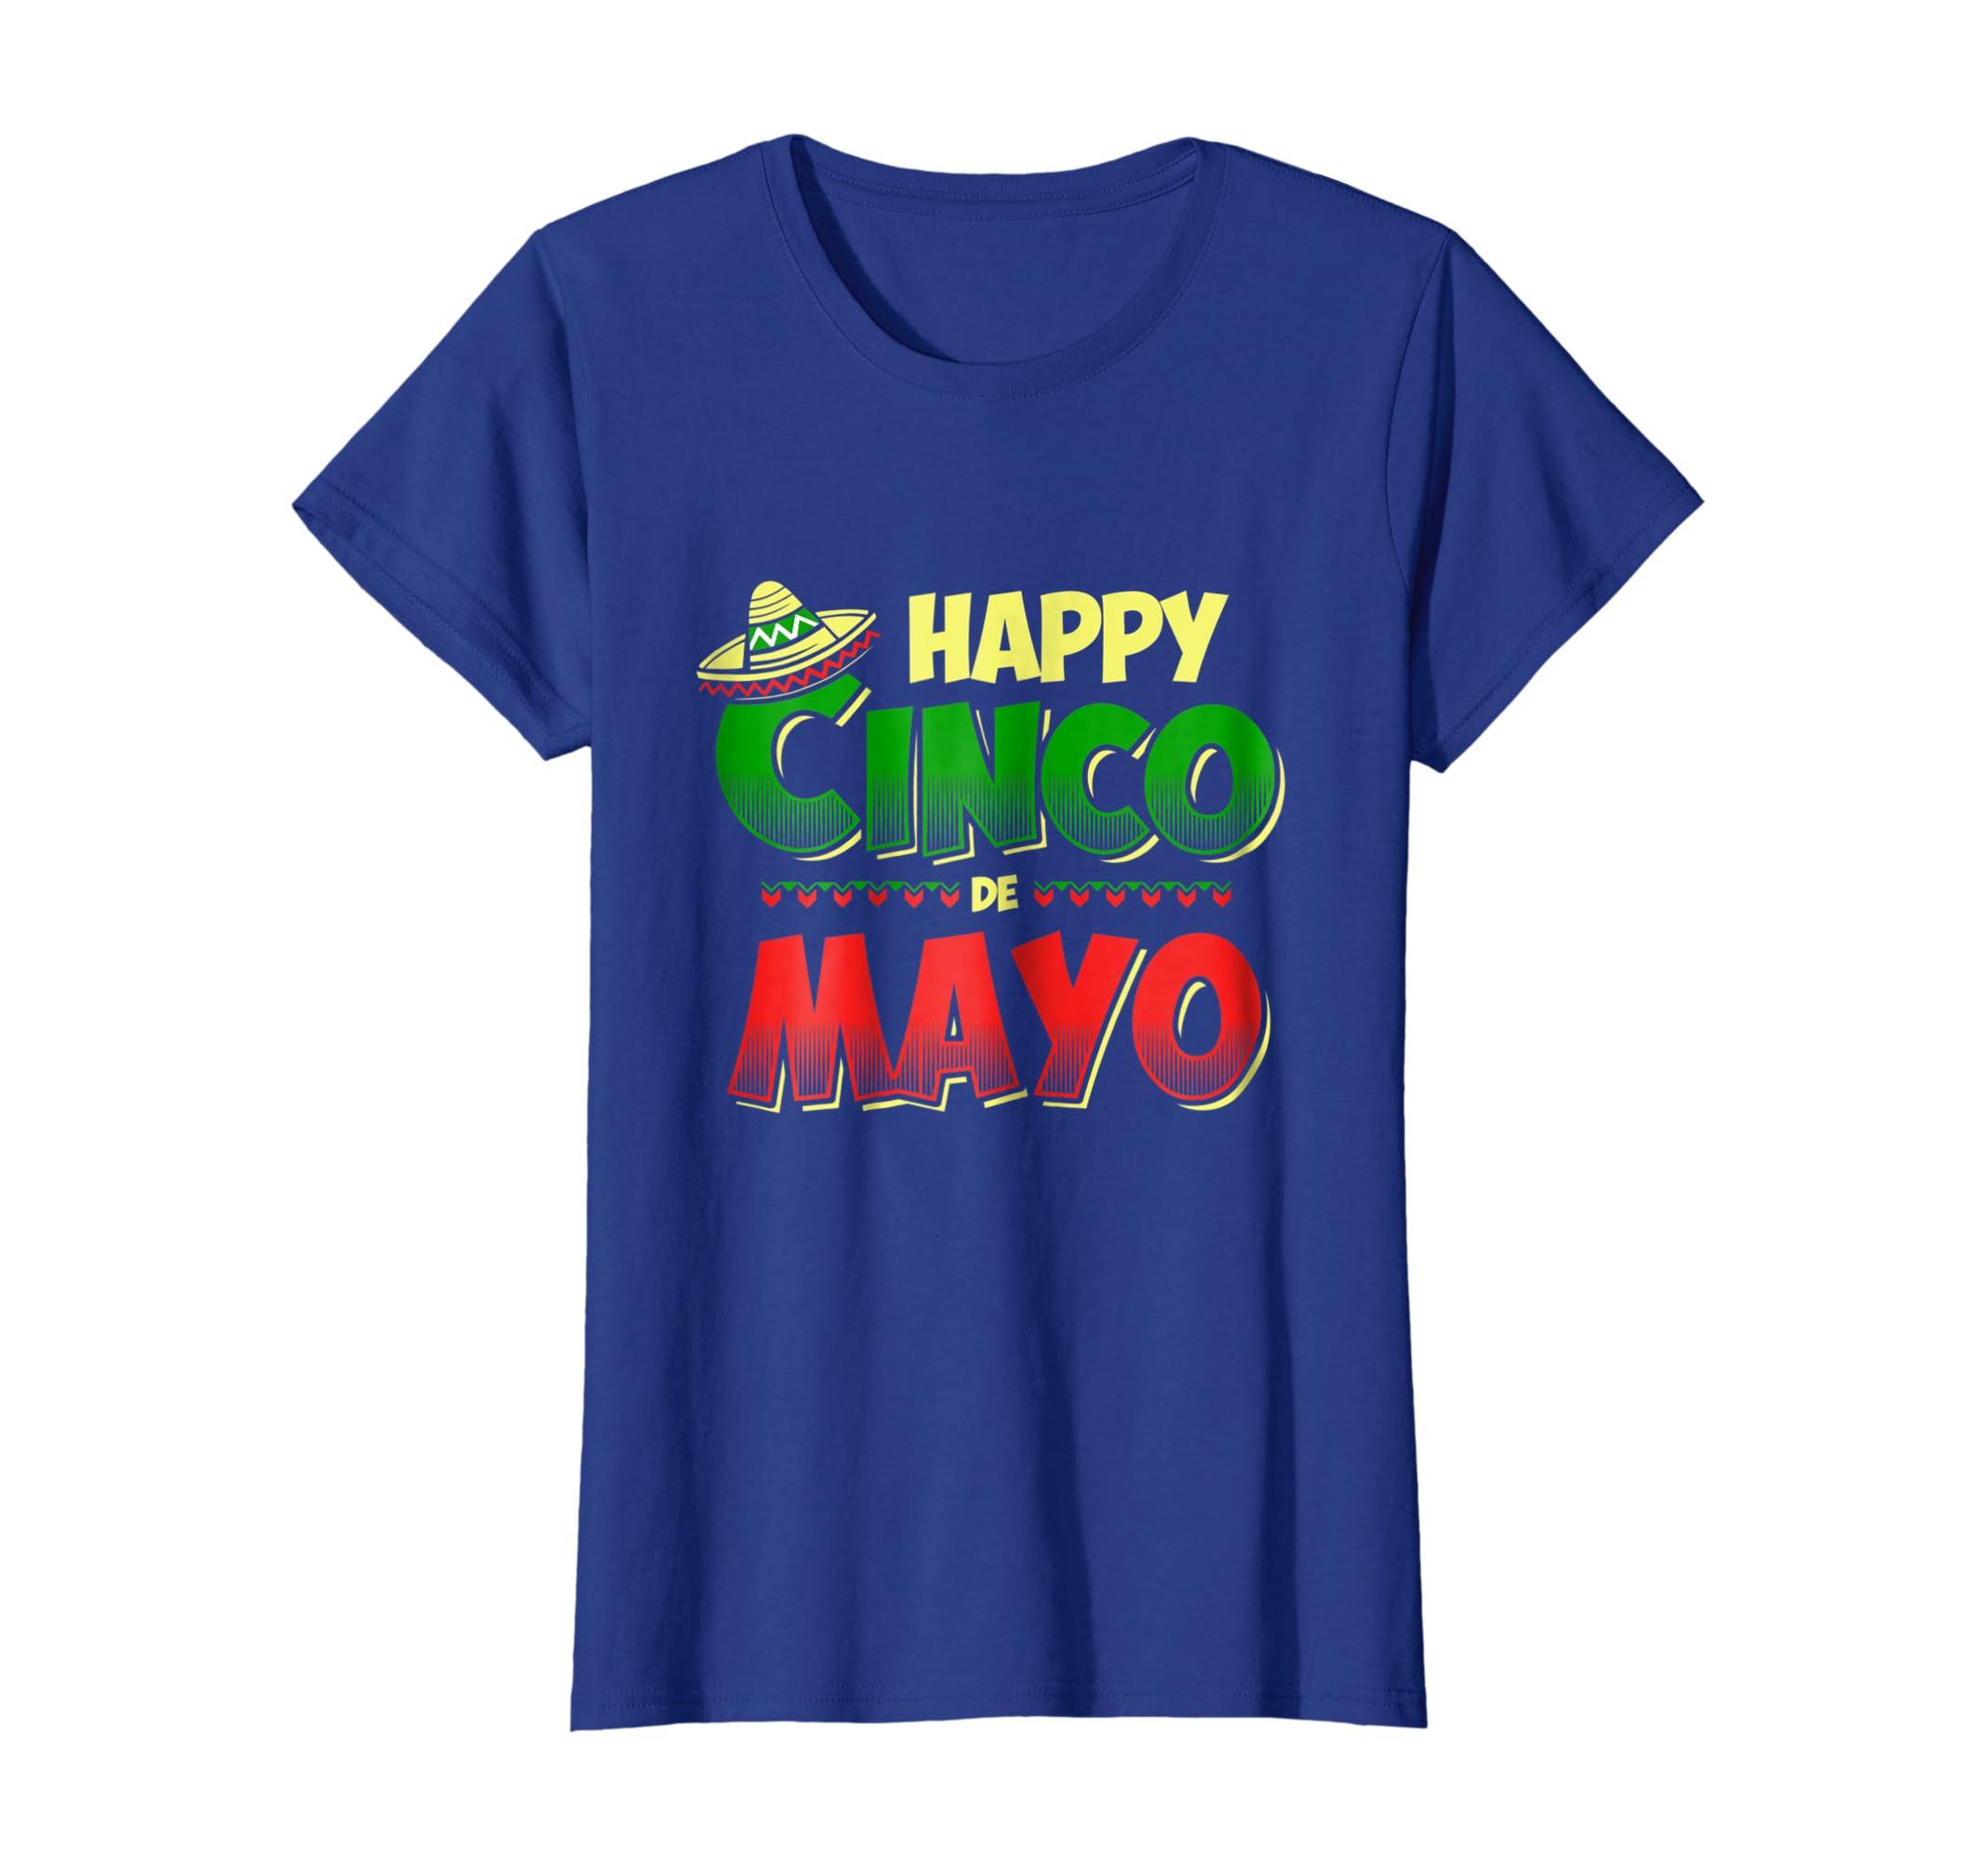 cda64b03 Amazon Com Cinco De Mayo Tees Happy Cinco De Mayo T Shirt Clothing